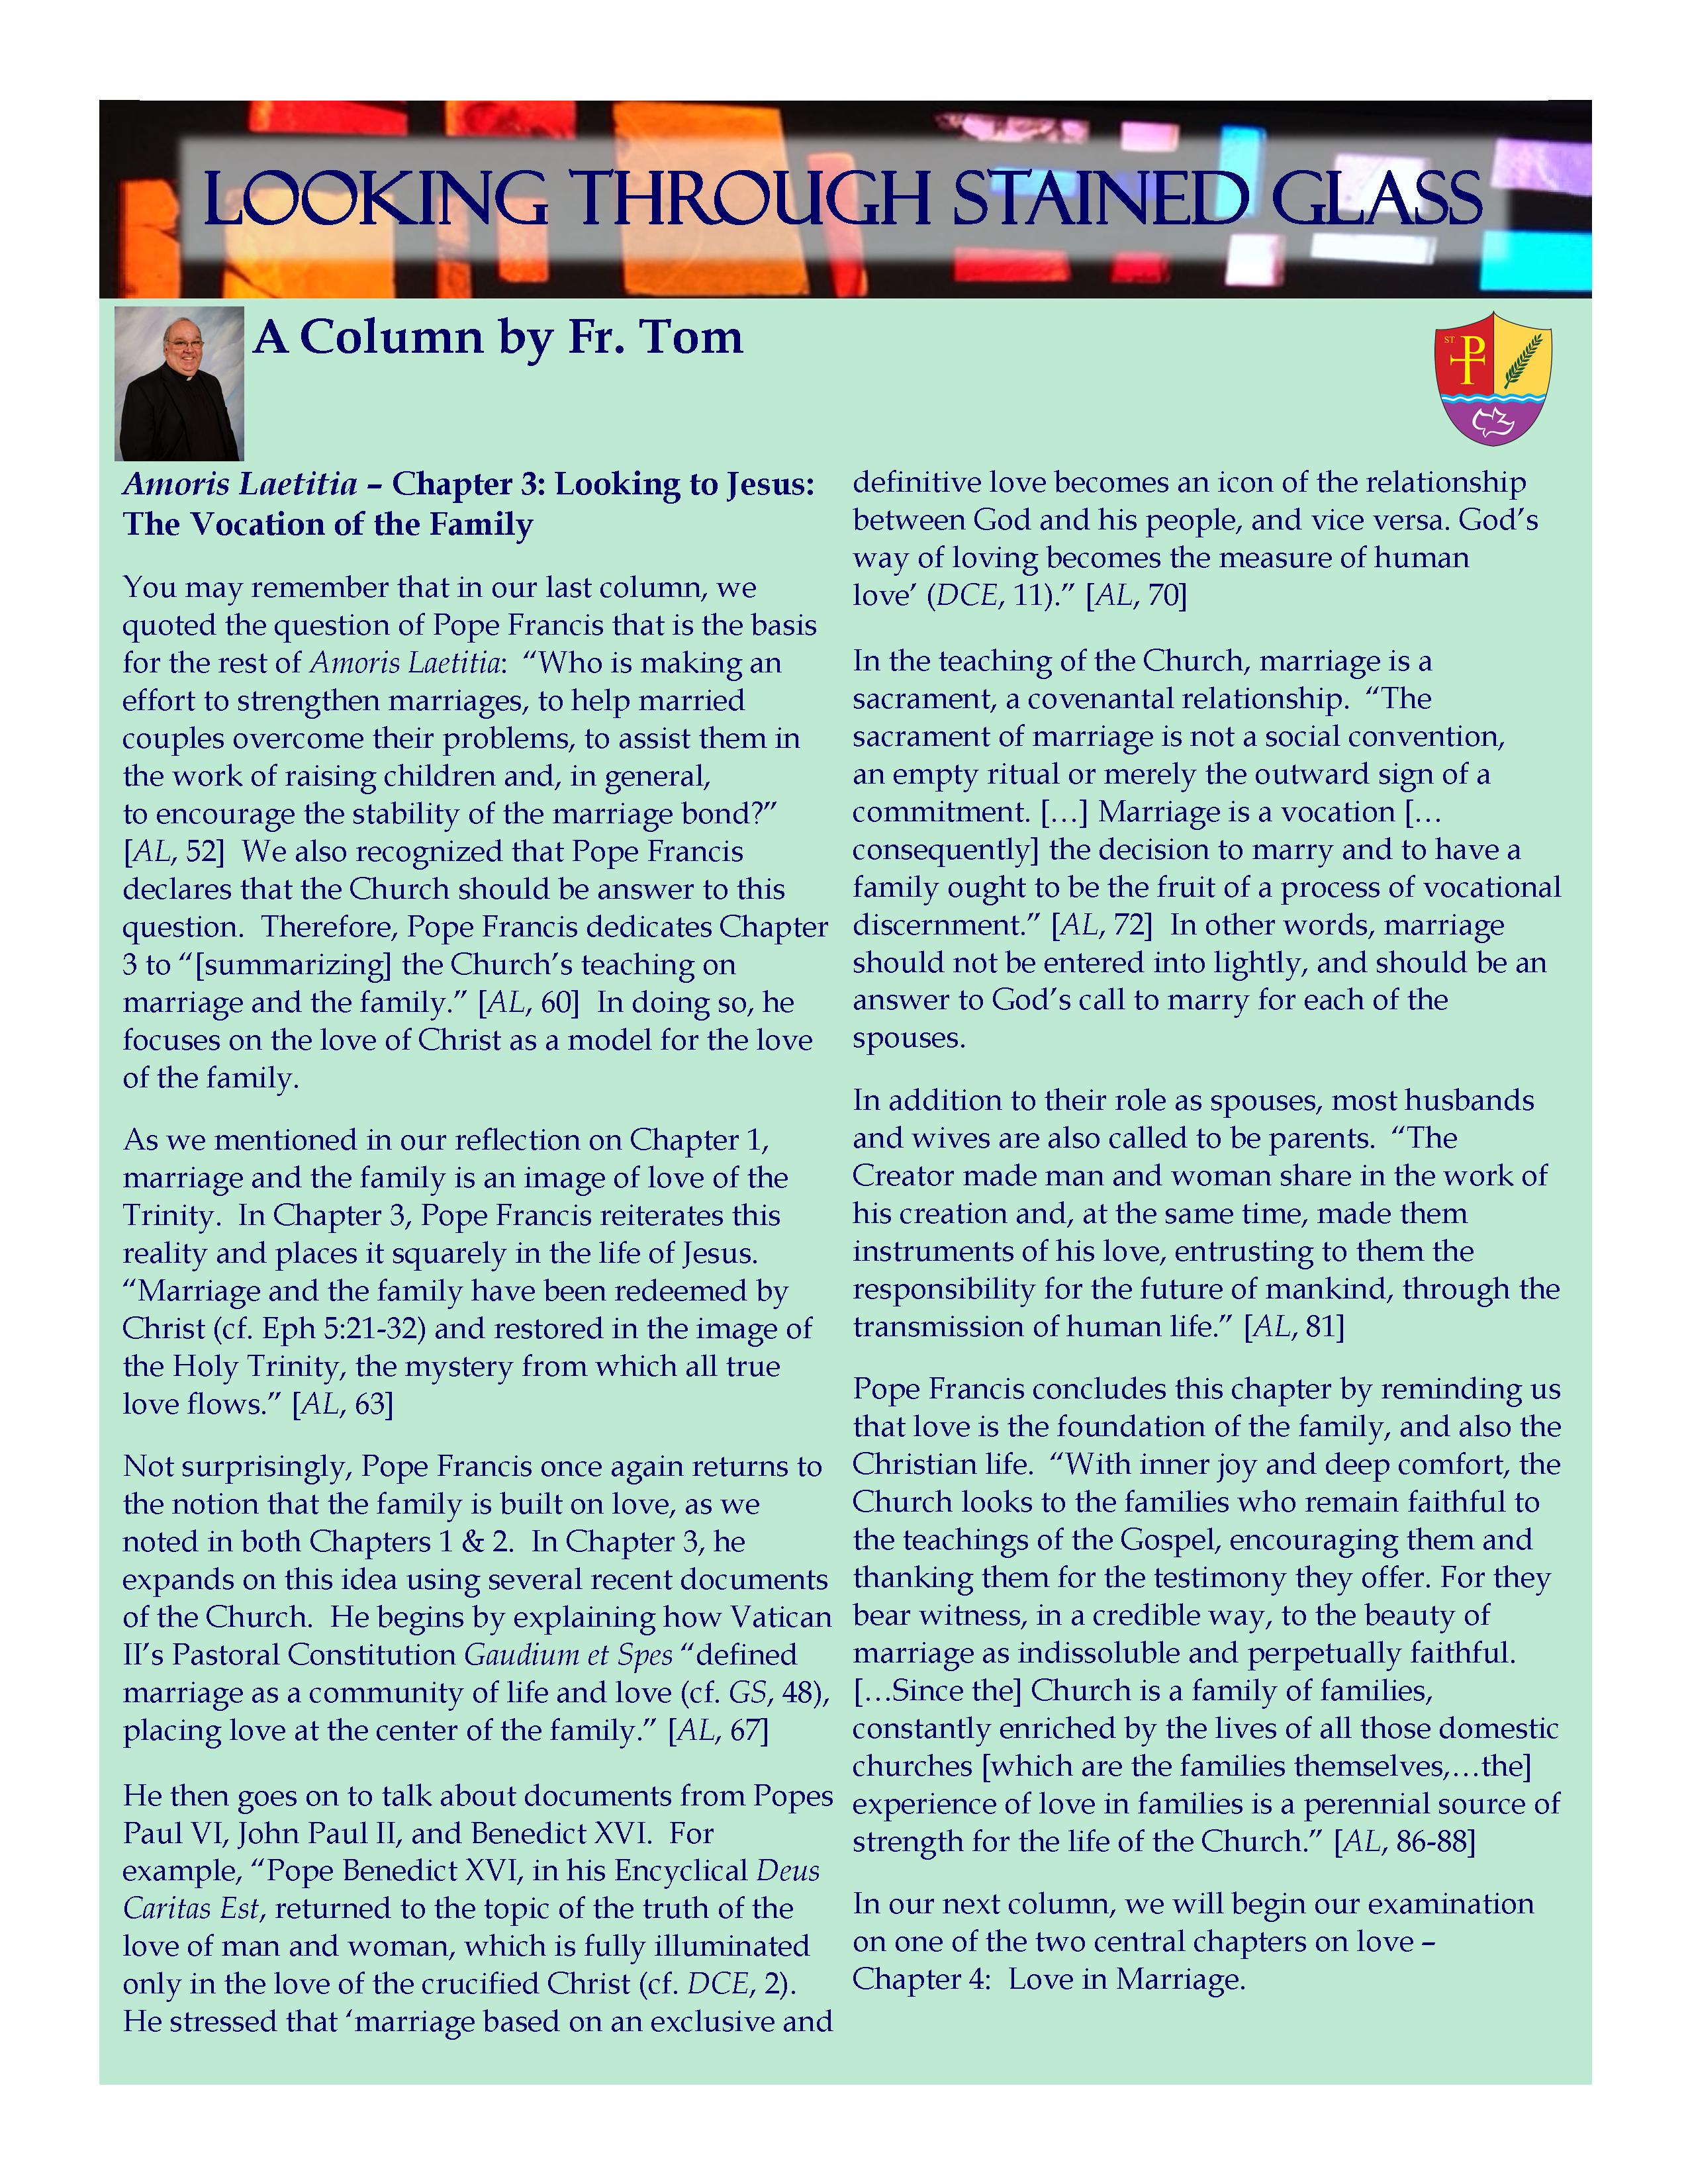 Weekly Column